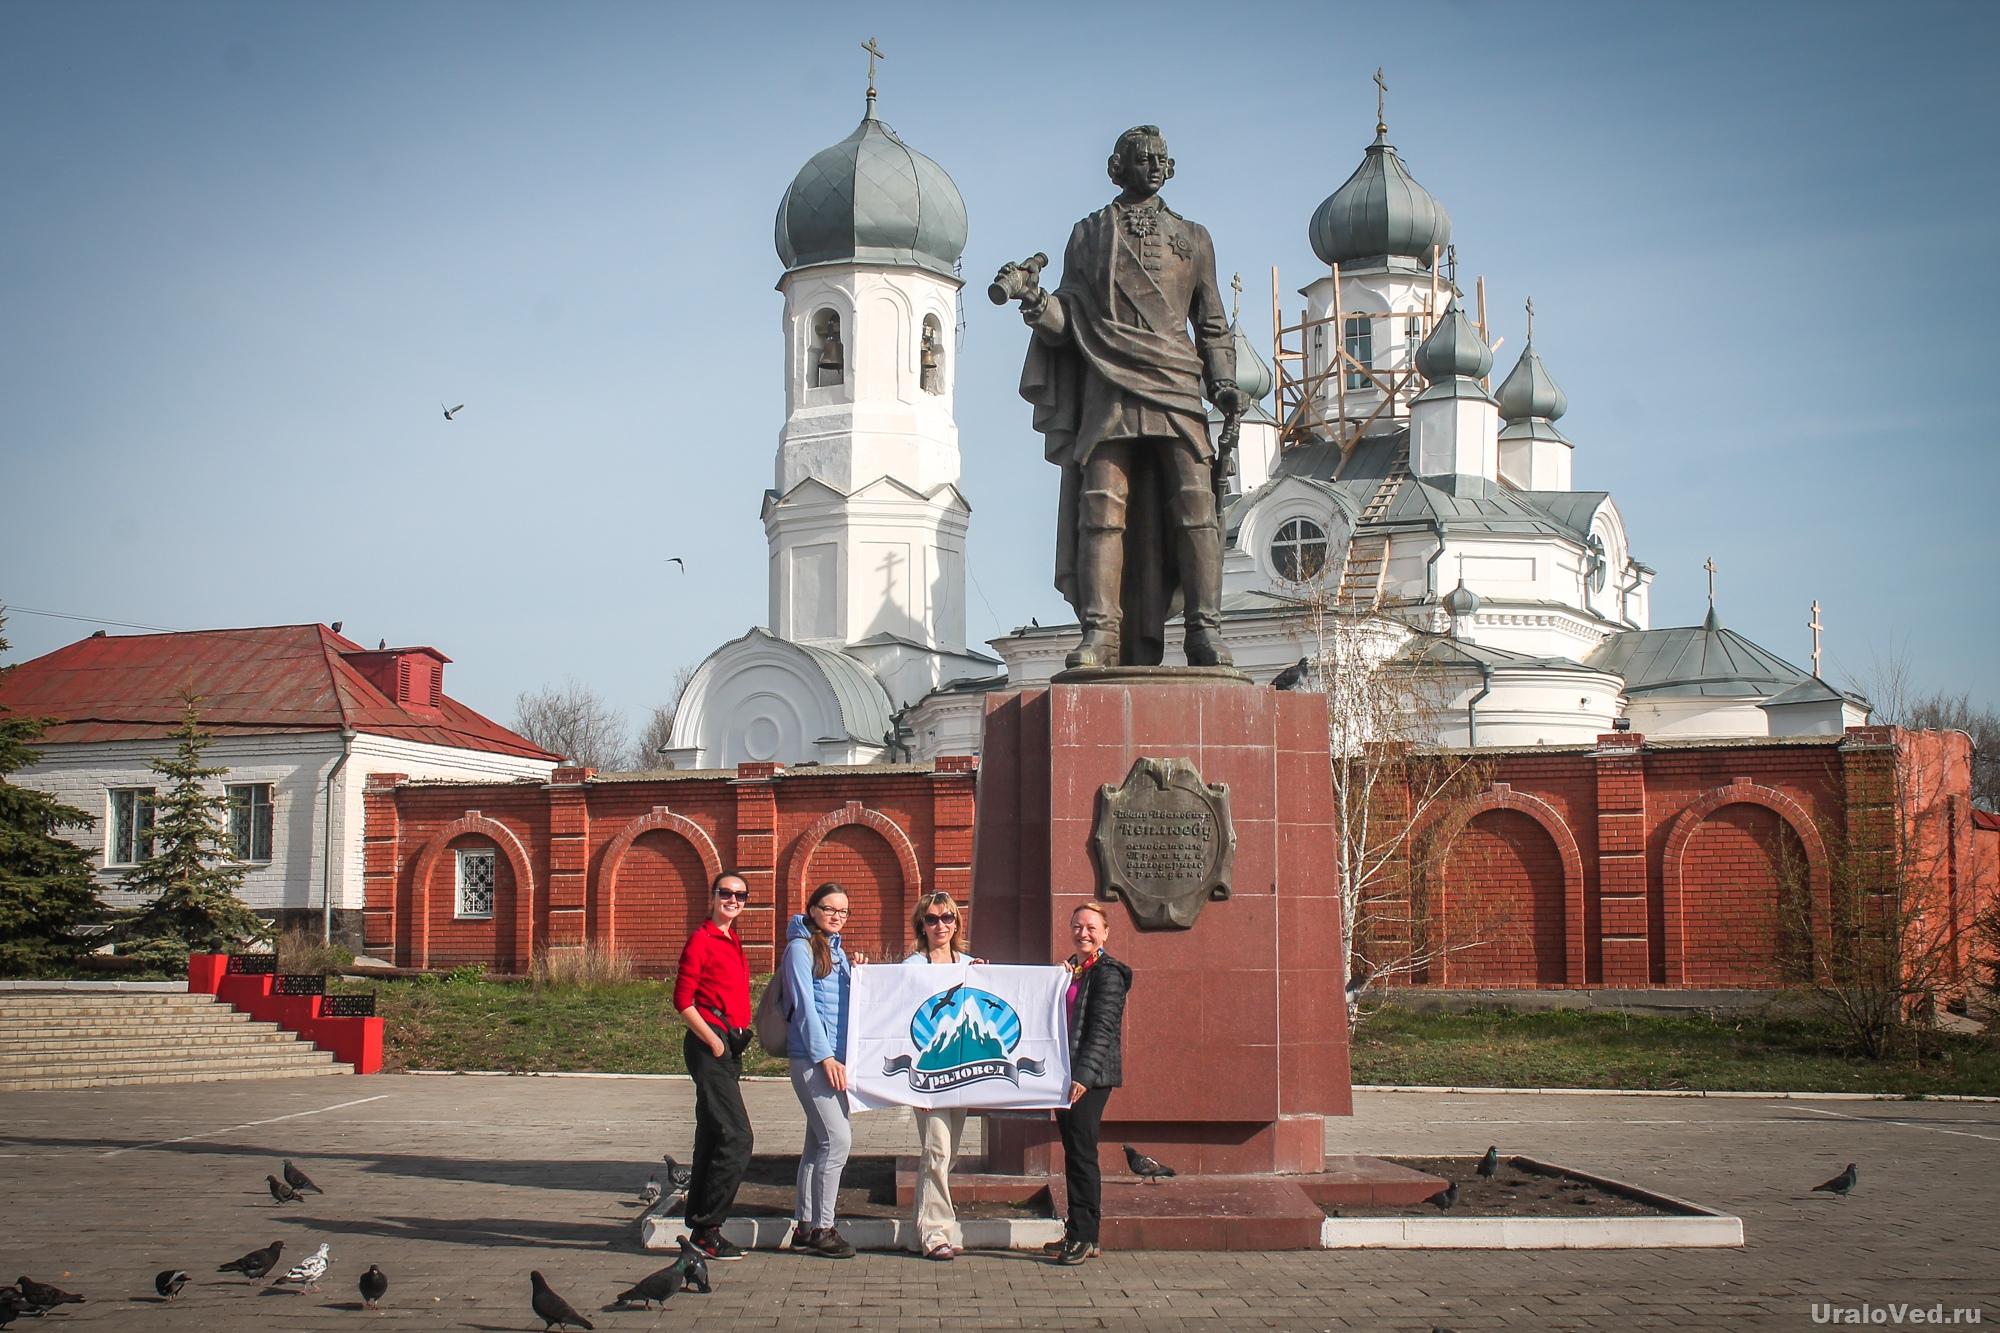 У памятника Неплюеву